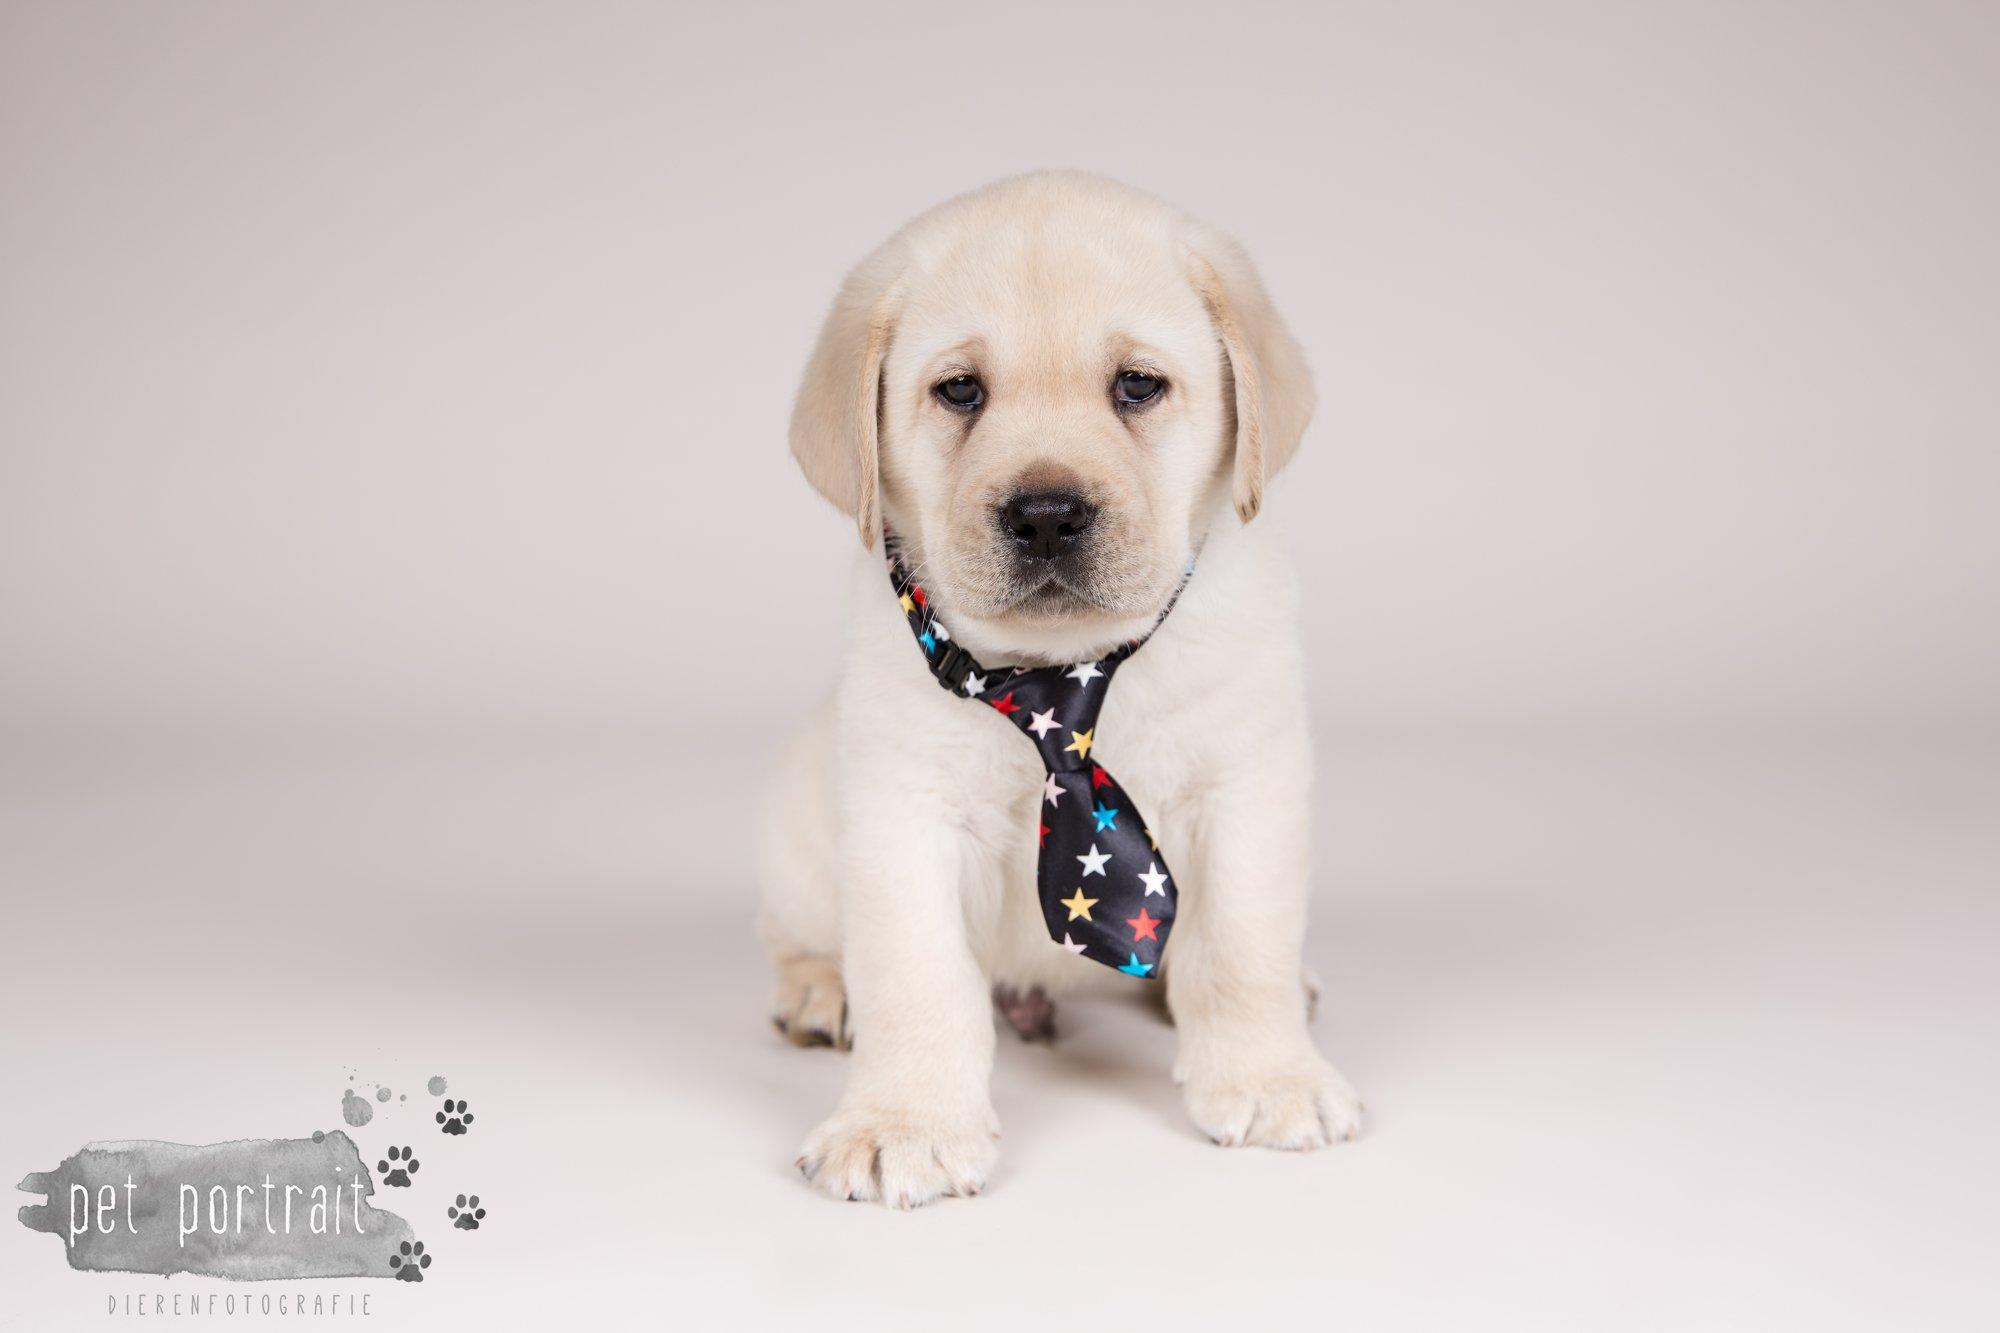 Hondenfotograaf Hillegom - Nestfotoshoot voor Labrador pups-13